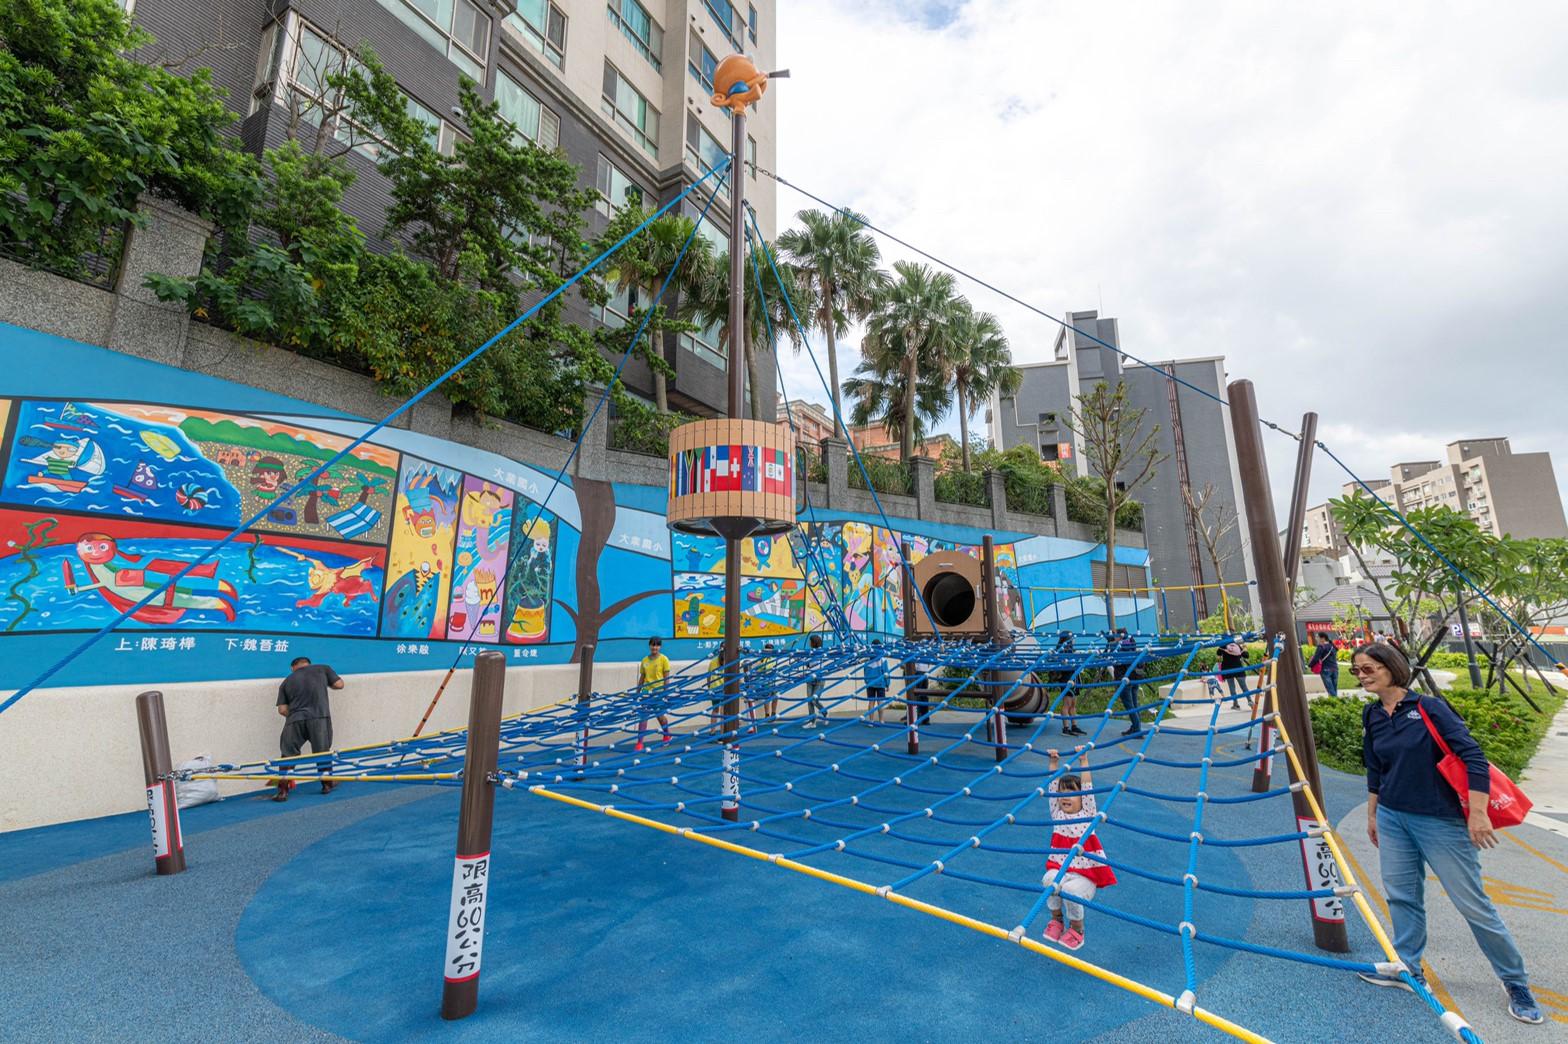 福元公園設置共融式遊戲場,適合親子同樂